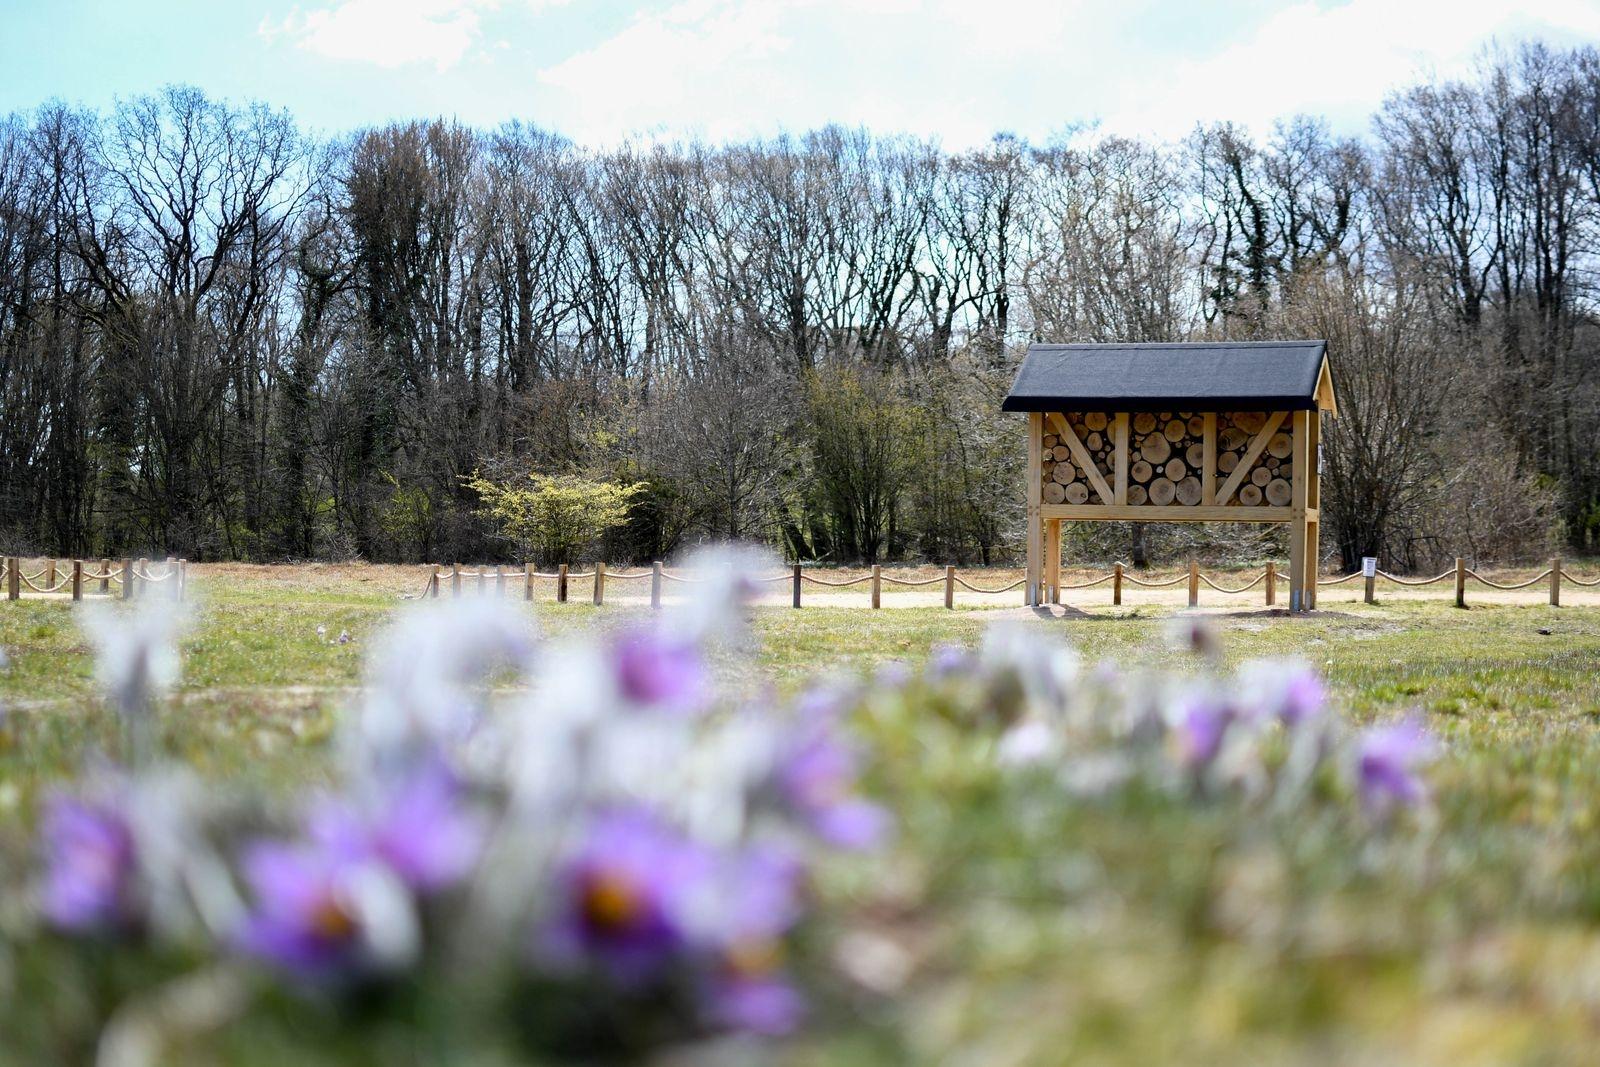 På nationalparkens Naturum satsas det under hela säsongen 2021 på kunskapsspridning om vilda bin och deras behov av föda och bostäder.